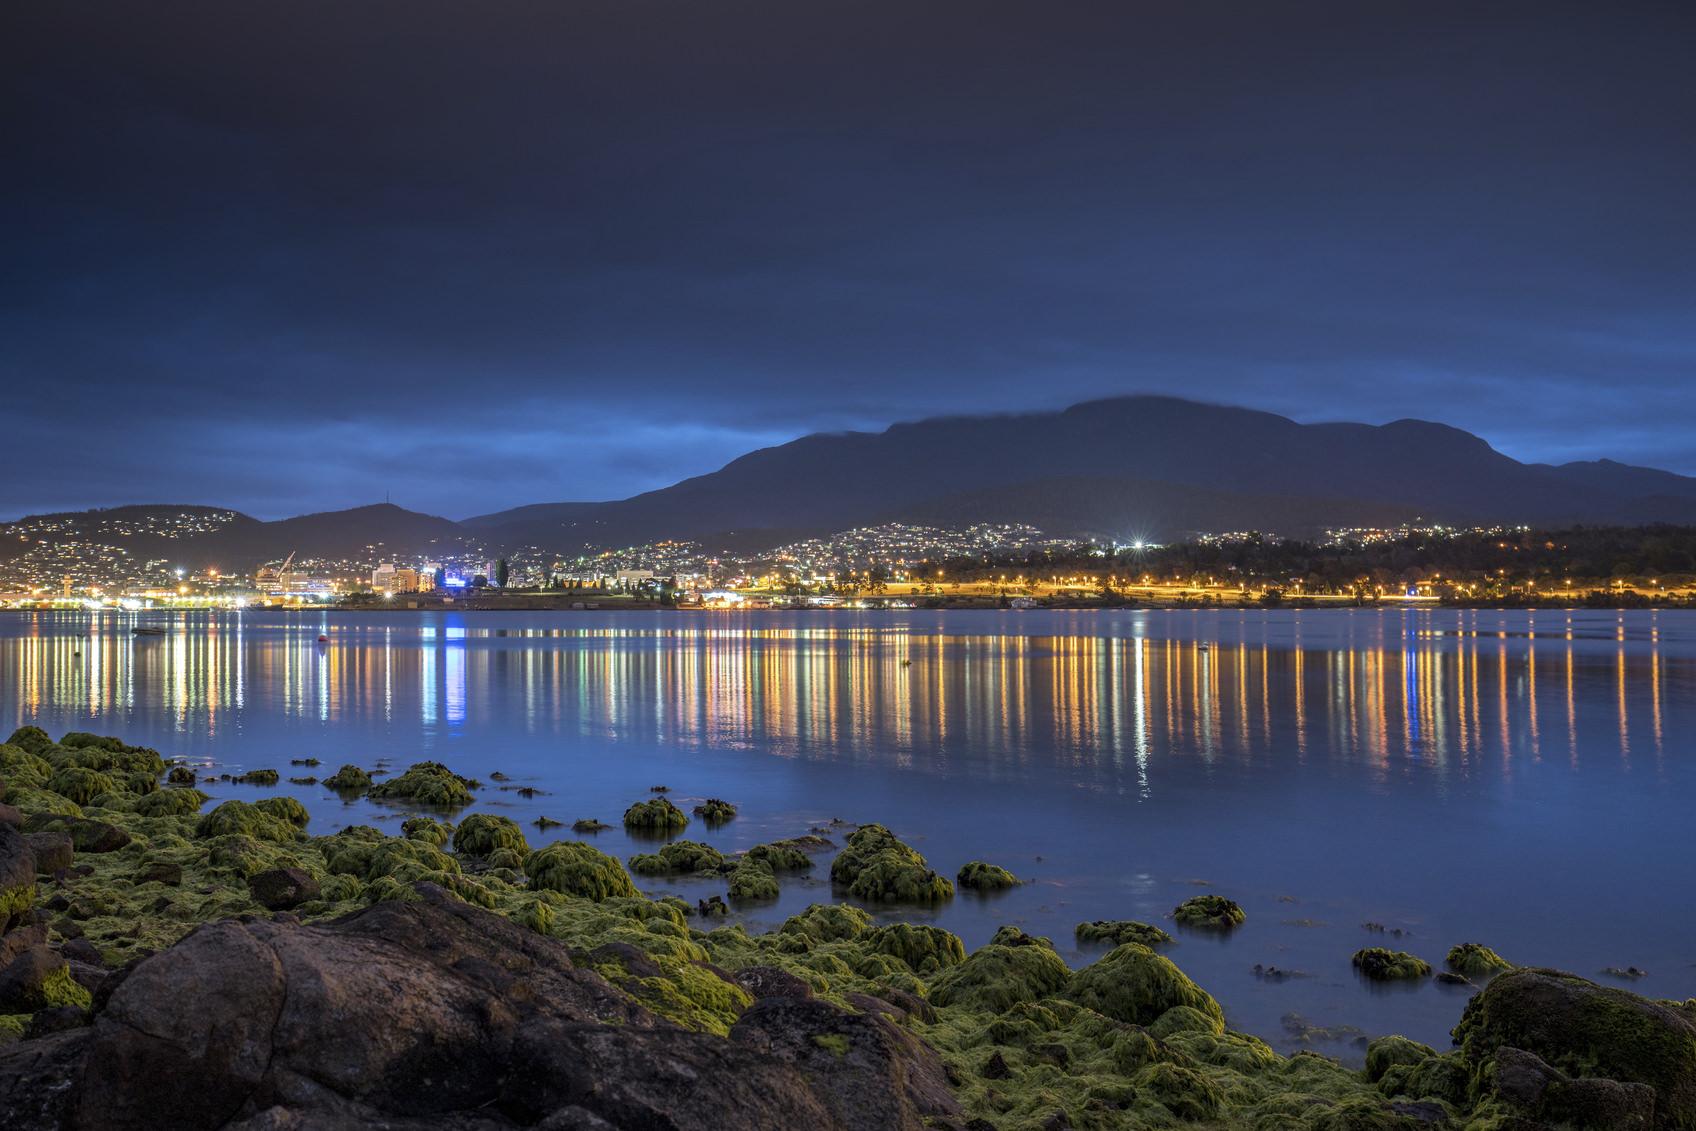 3 semplici strategie per beccare la messa a fuoco nella fotografia di paesaggio notturna